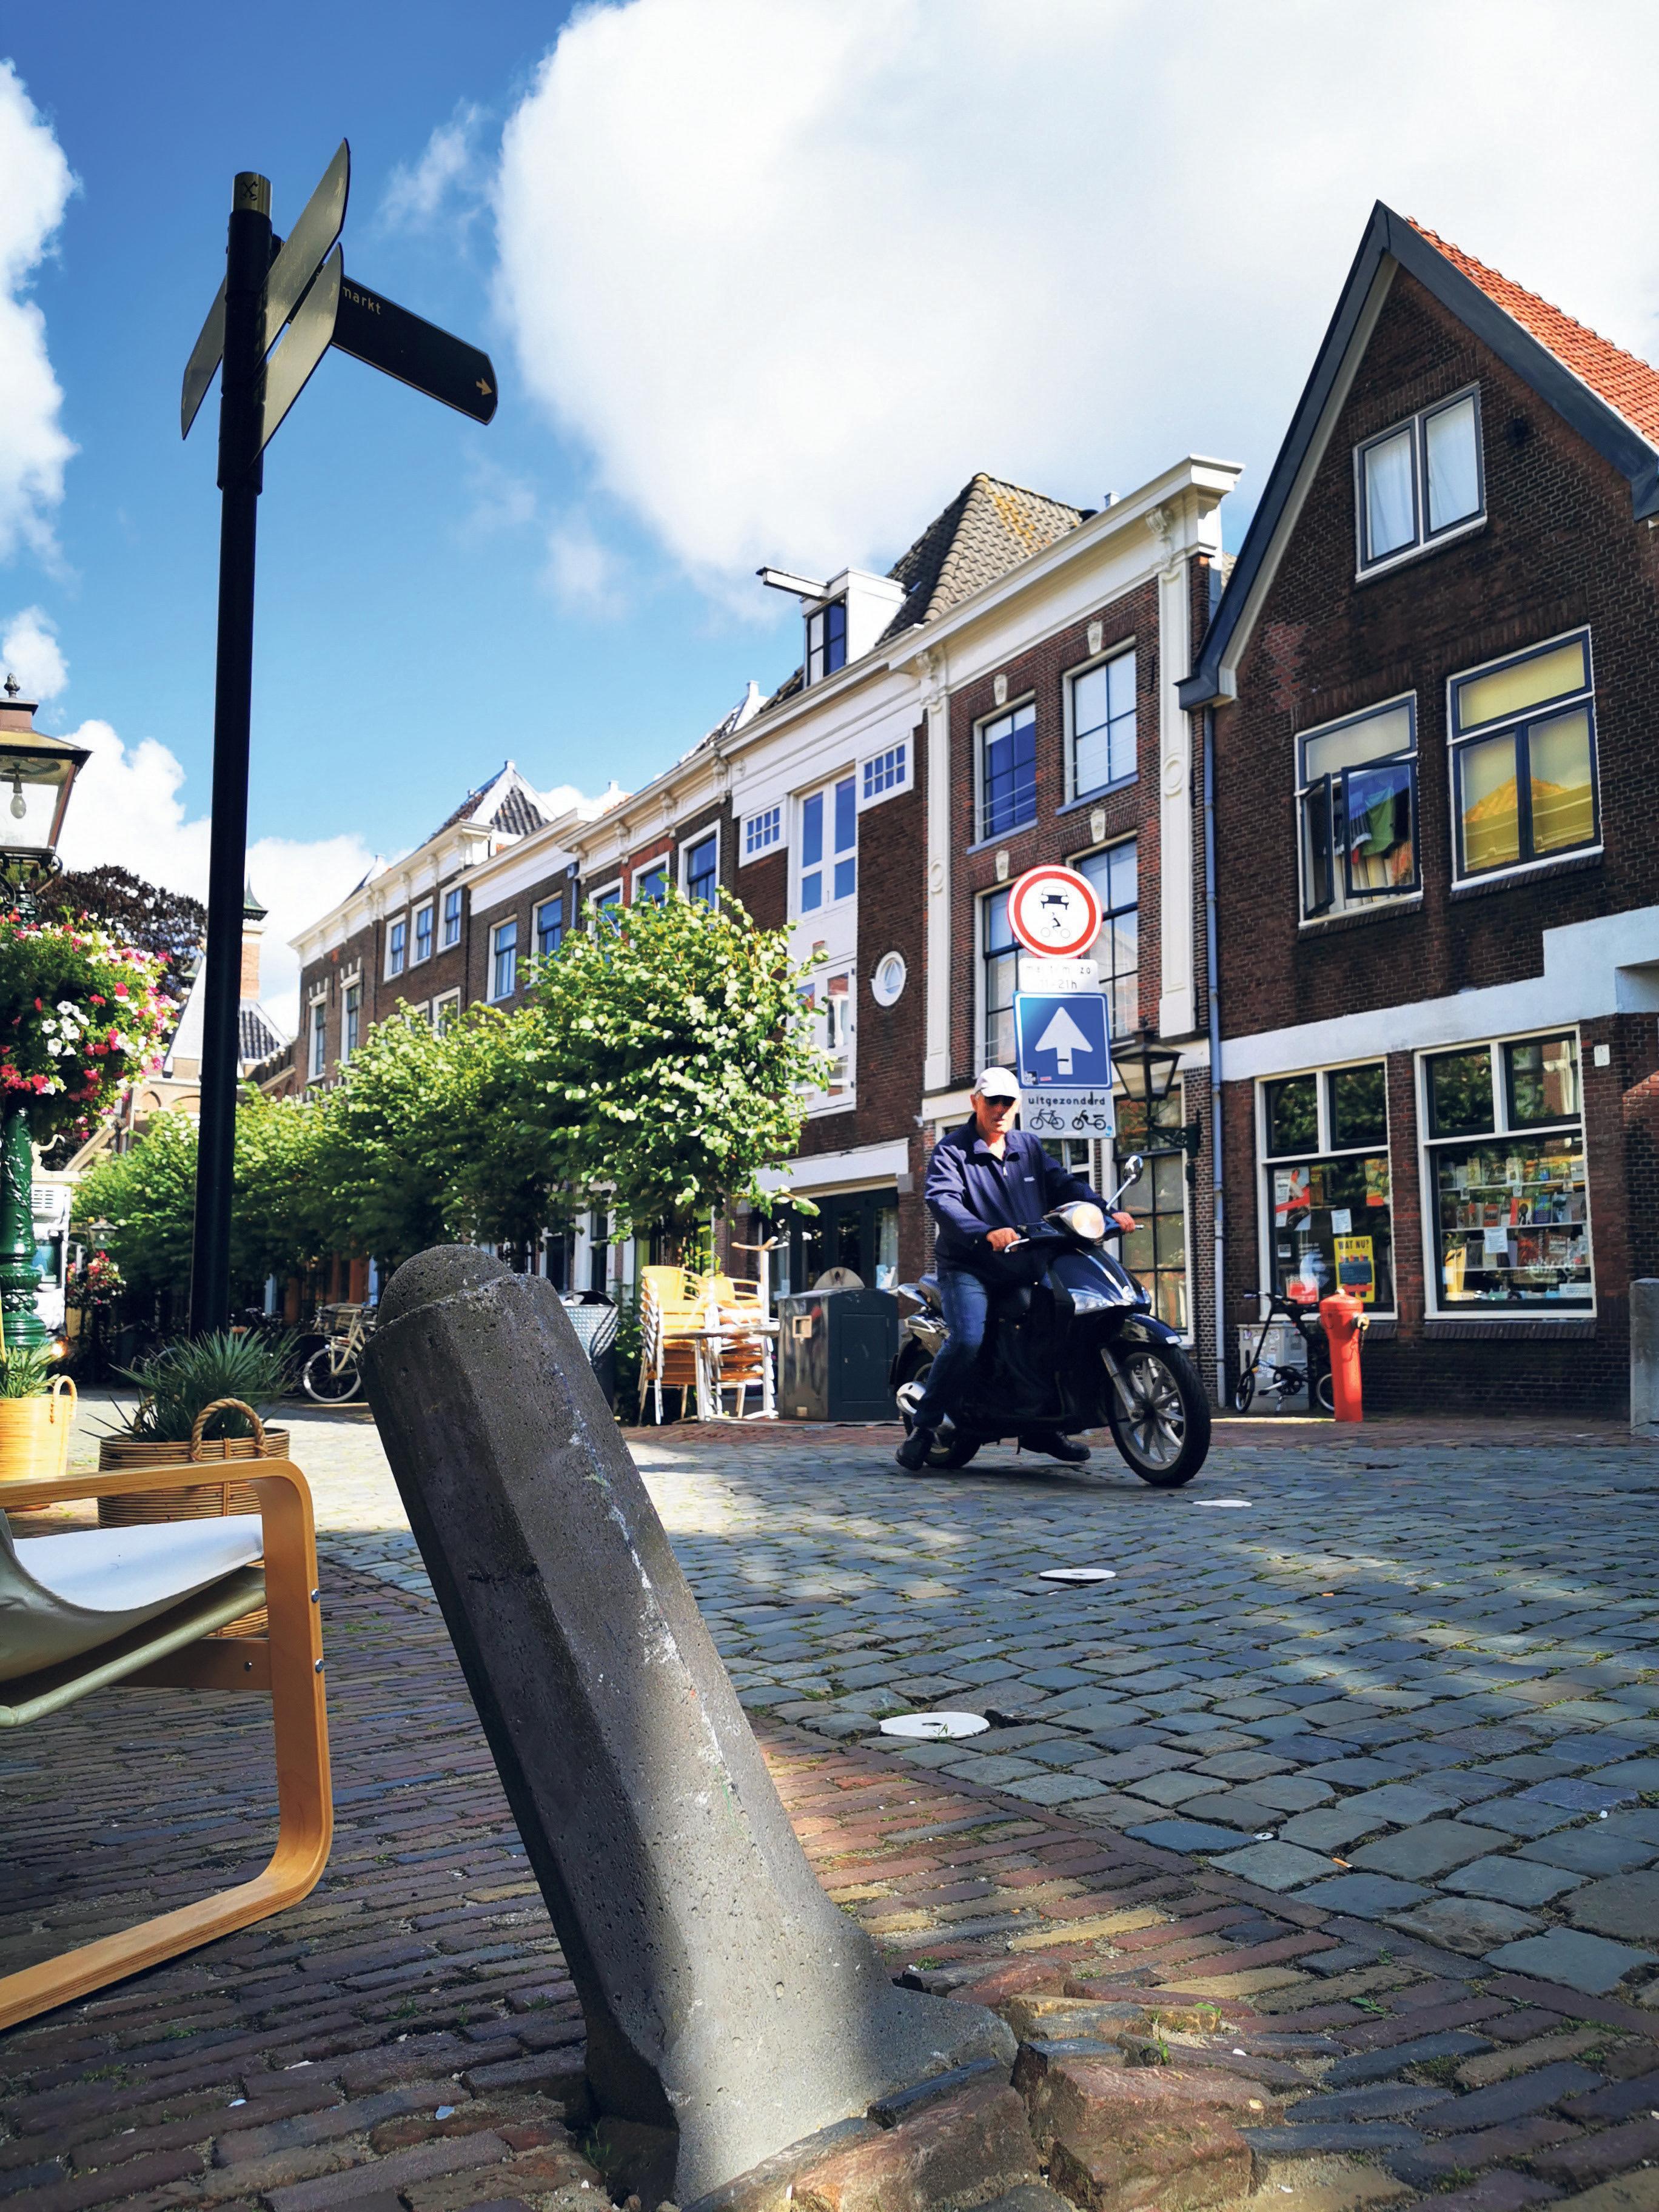 Gemeente en respondenten zijn tevreden over proef autoluwe binnenstad in de zomer, Pancras-West heeft zo zijn twijfels